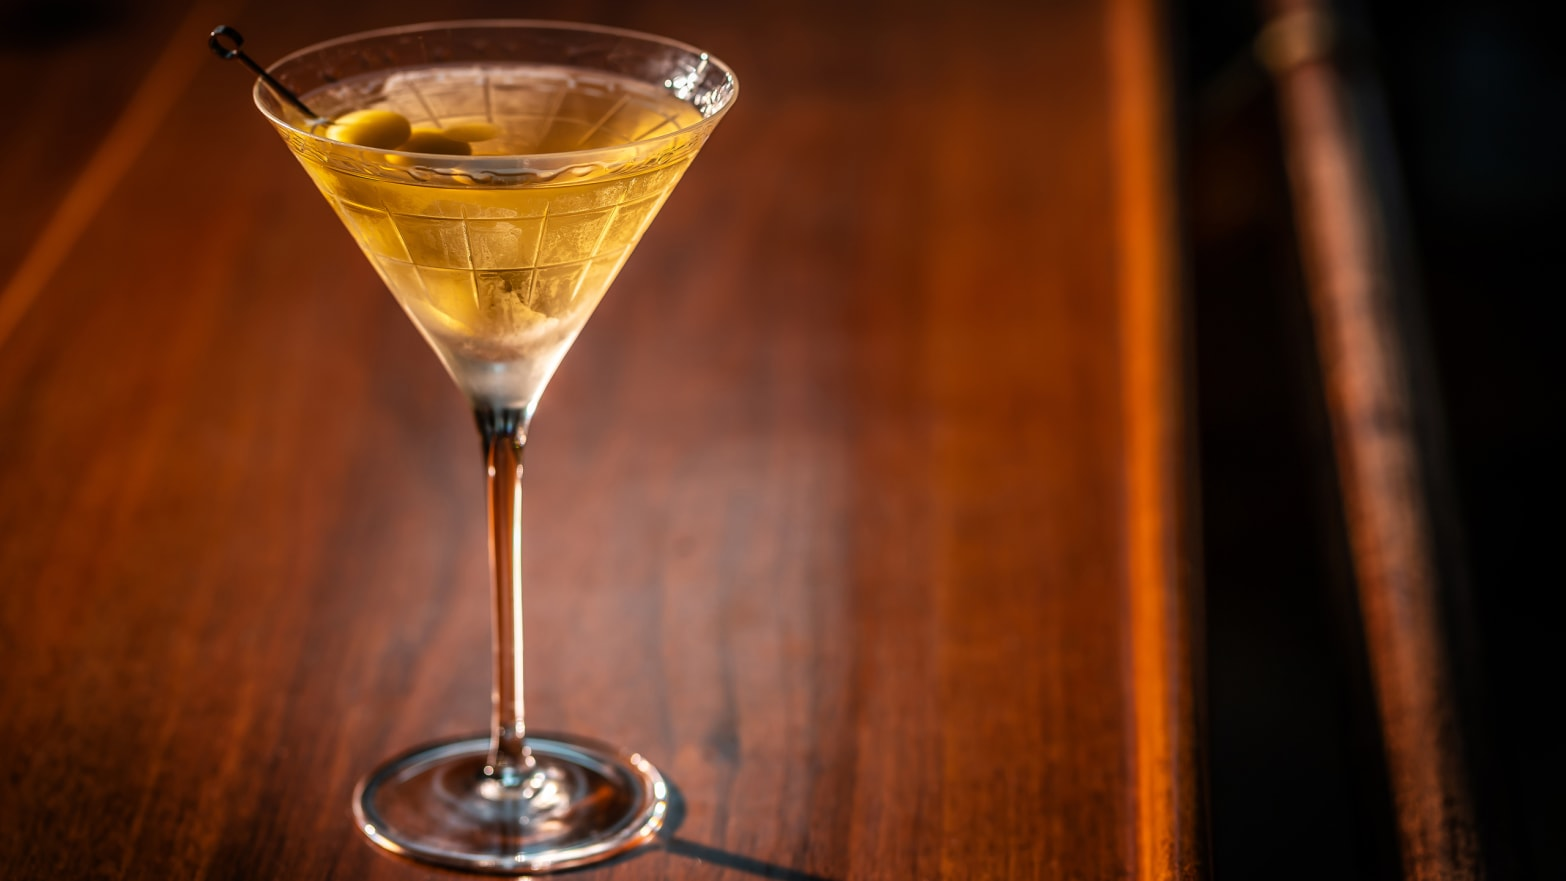 Top Bartender Julie Reiner's Current Obsession: the Tomolive